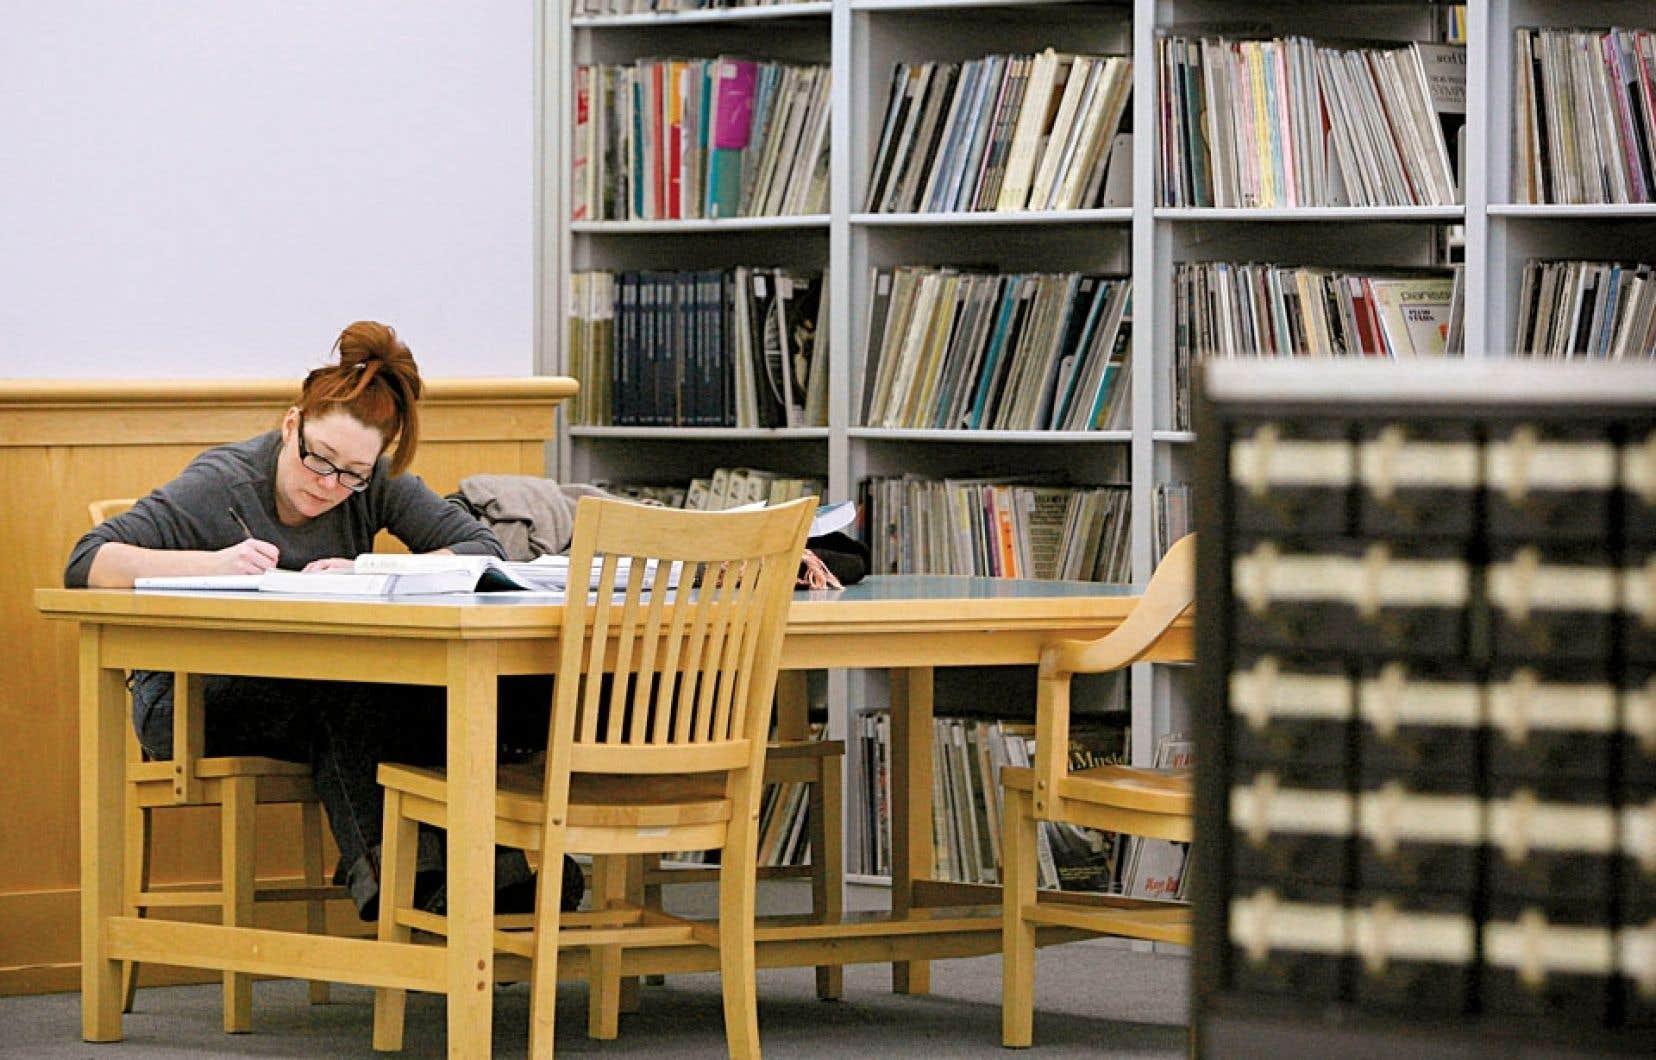 Les sciences scociales telles qu'enseignées dans les universités canadiennes et américaines sont de plus en plus menacées par certains idéologues qui remettent en cause leur utilité.